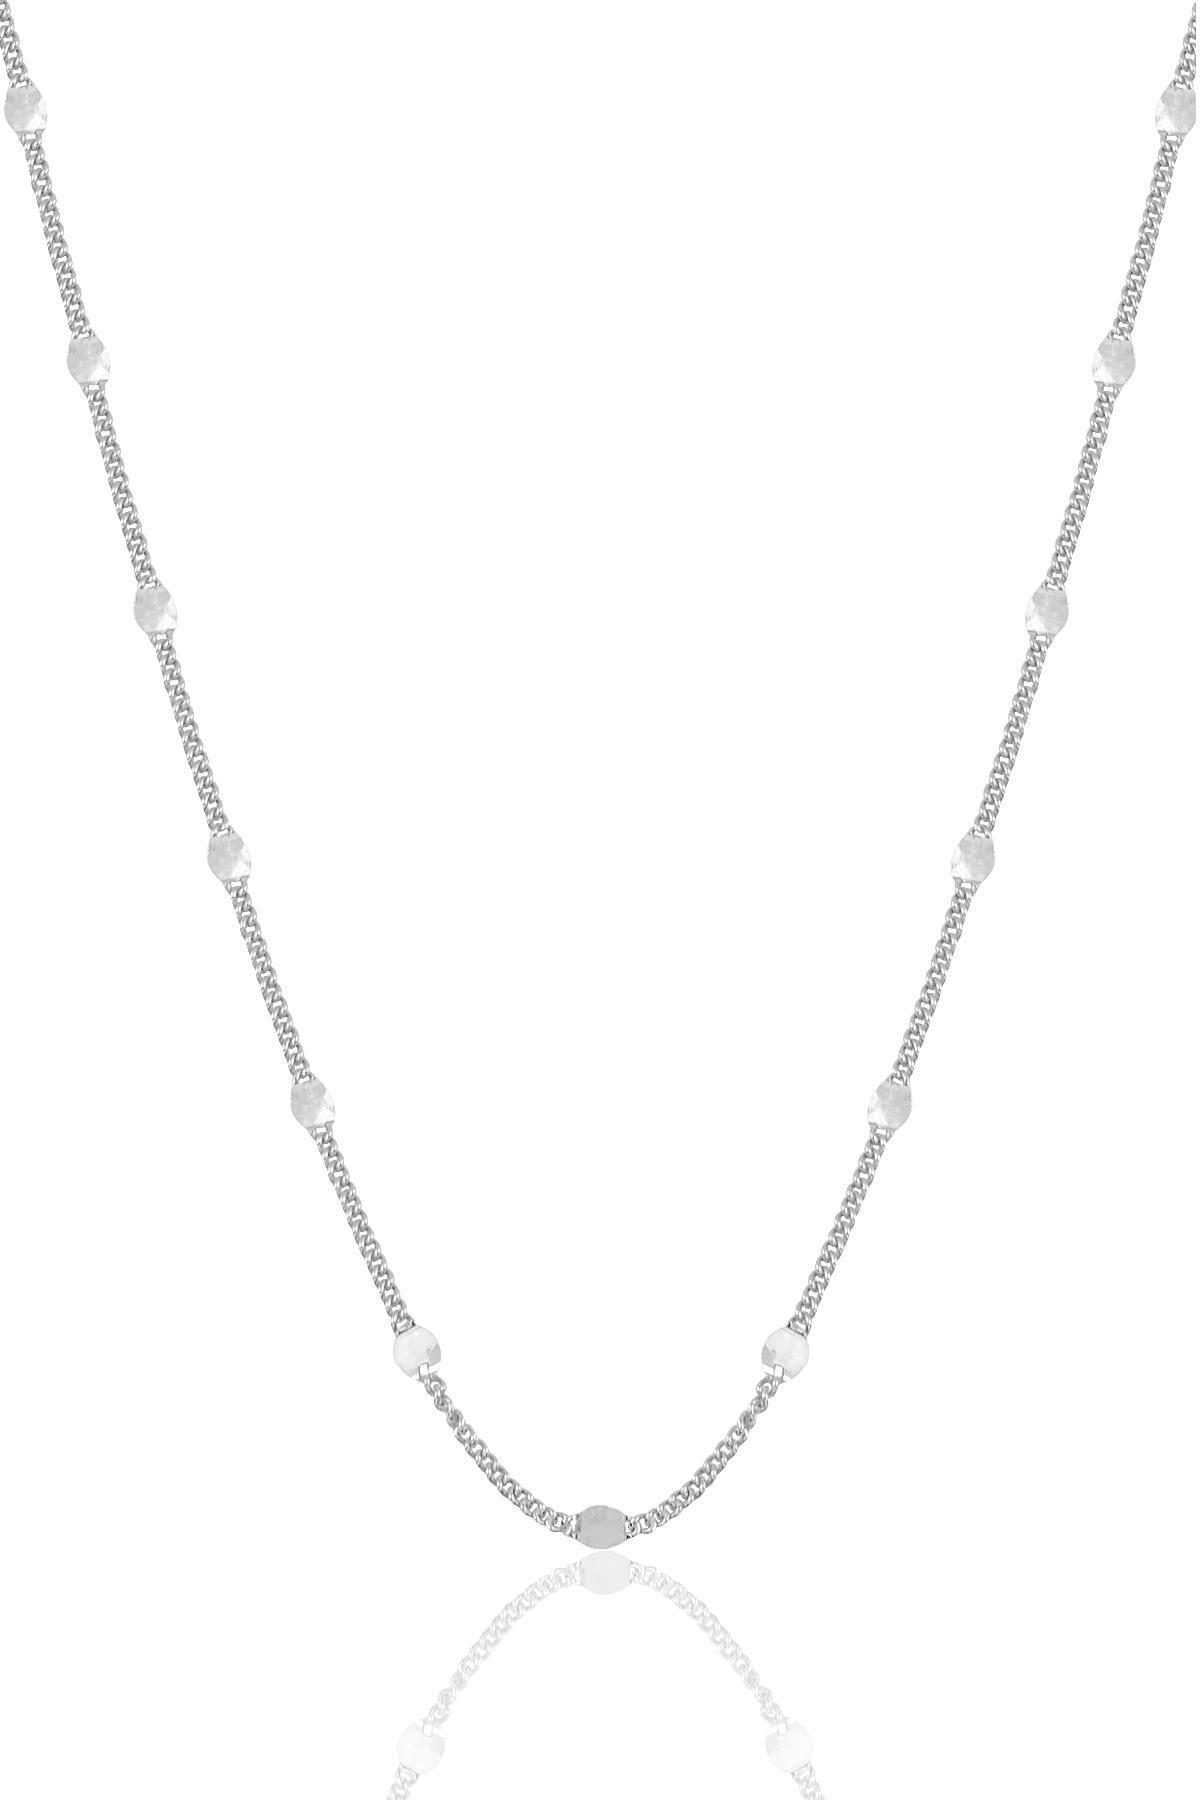 Söğütlü Silver Gümüş Rodyumlu  Pullu Gurmet  Zincir. 0